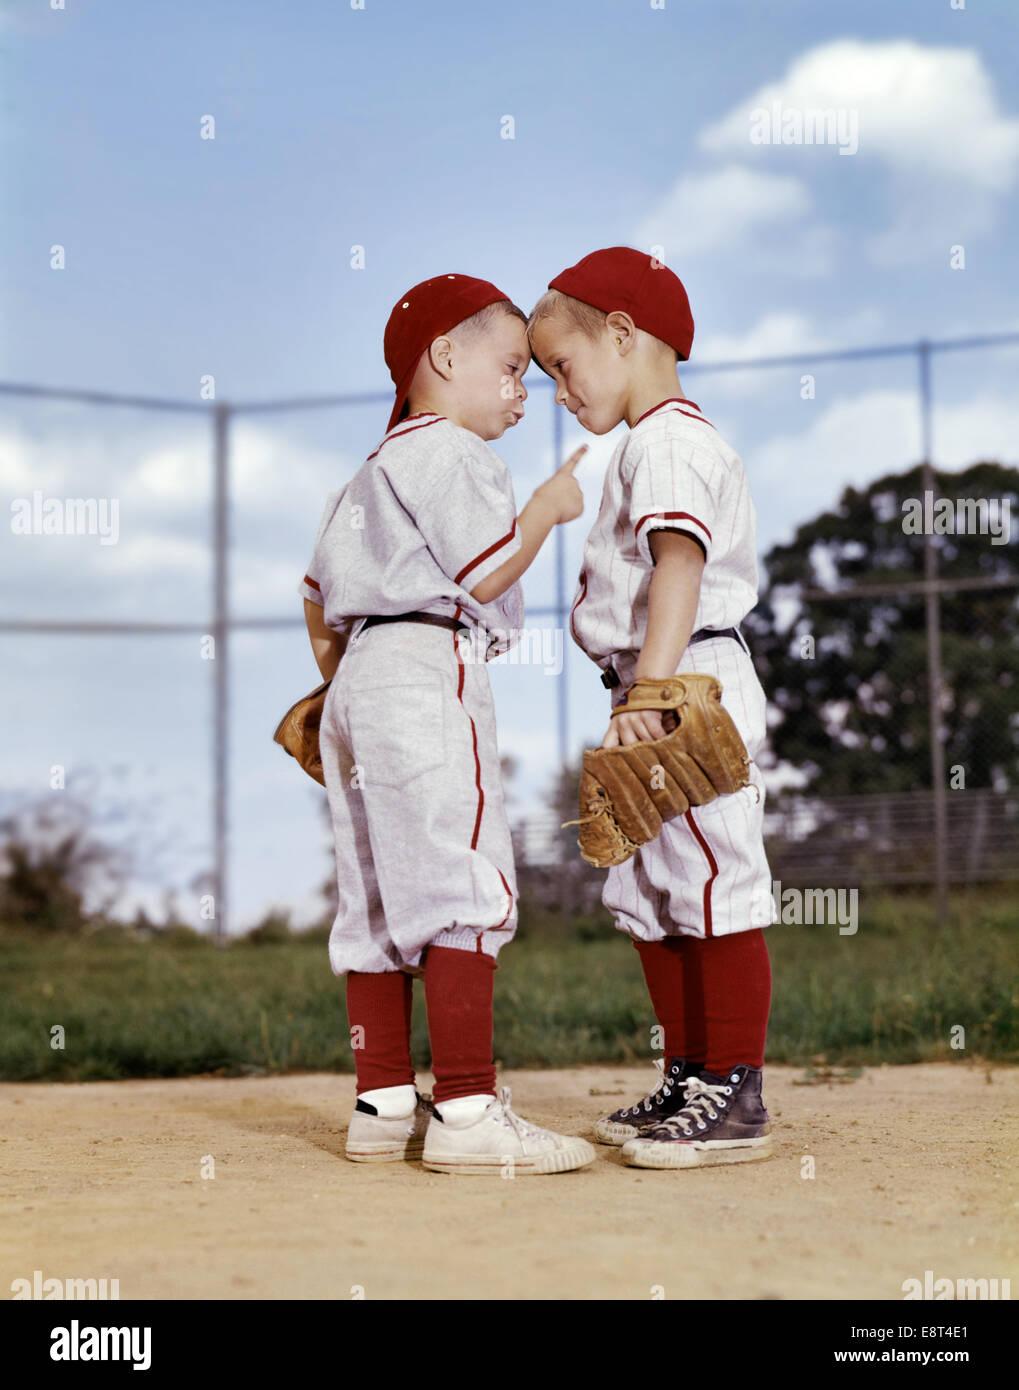 1960s TWO BOYS WEARING LITTLE LEAGUE BASEBALL UNIFORMS ...